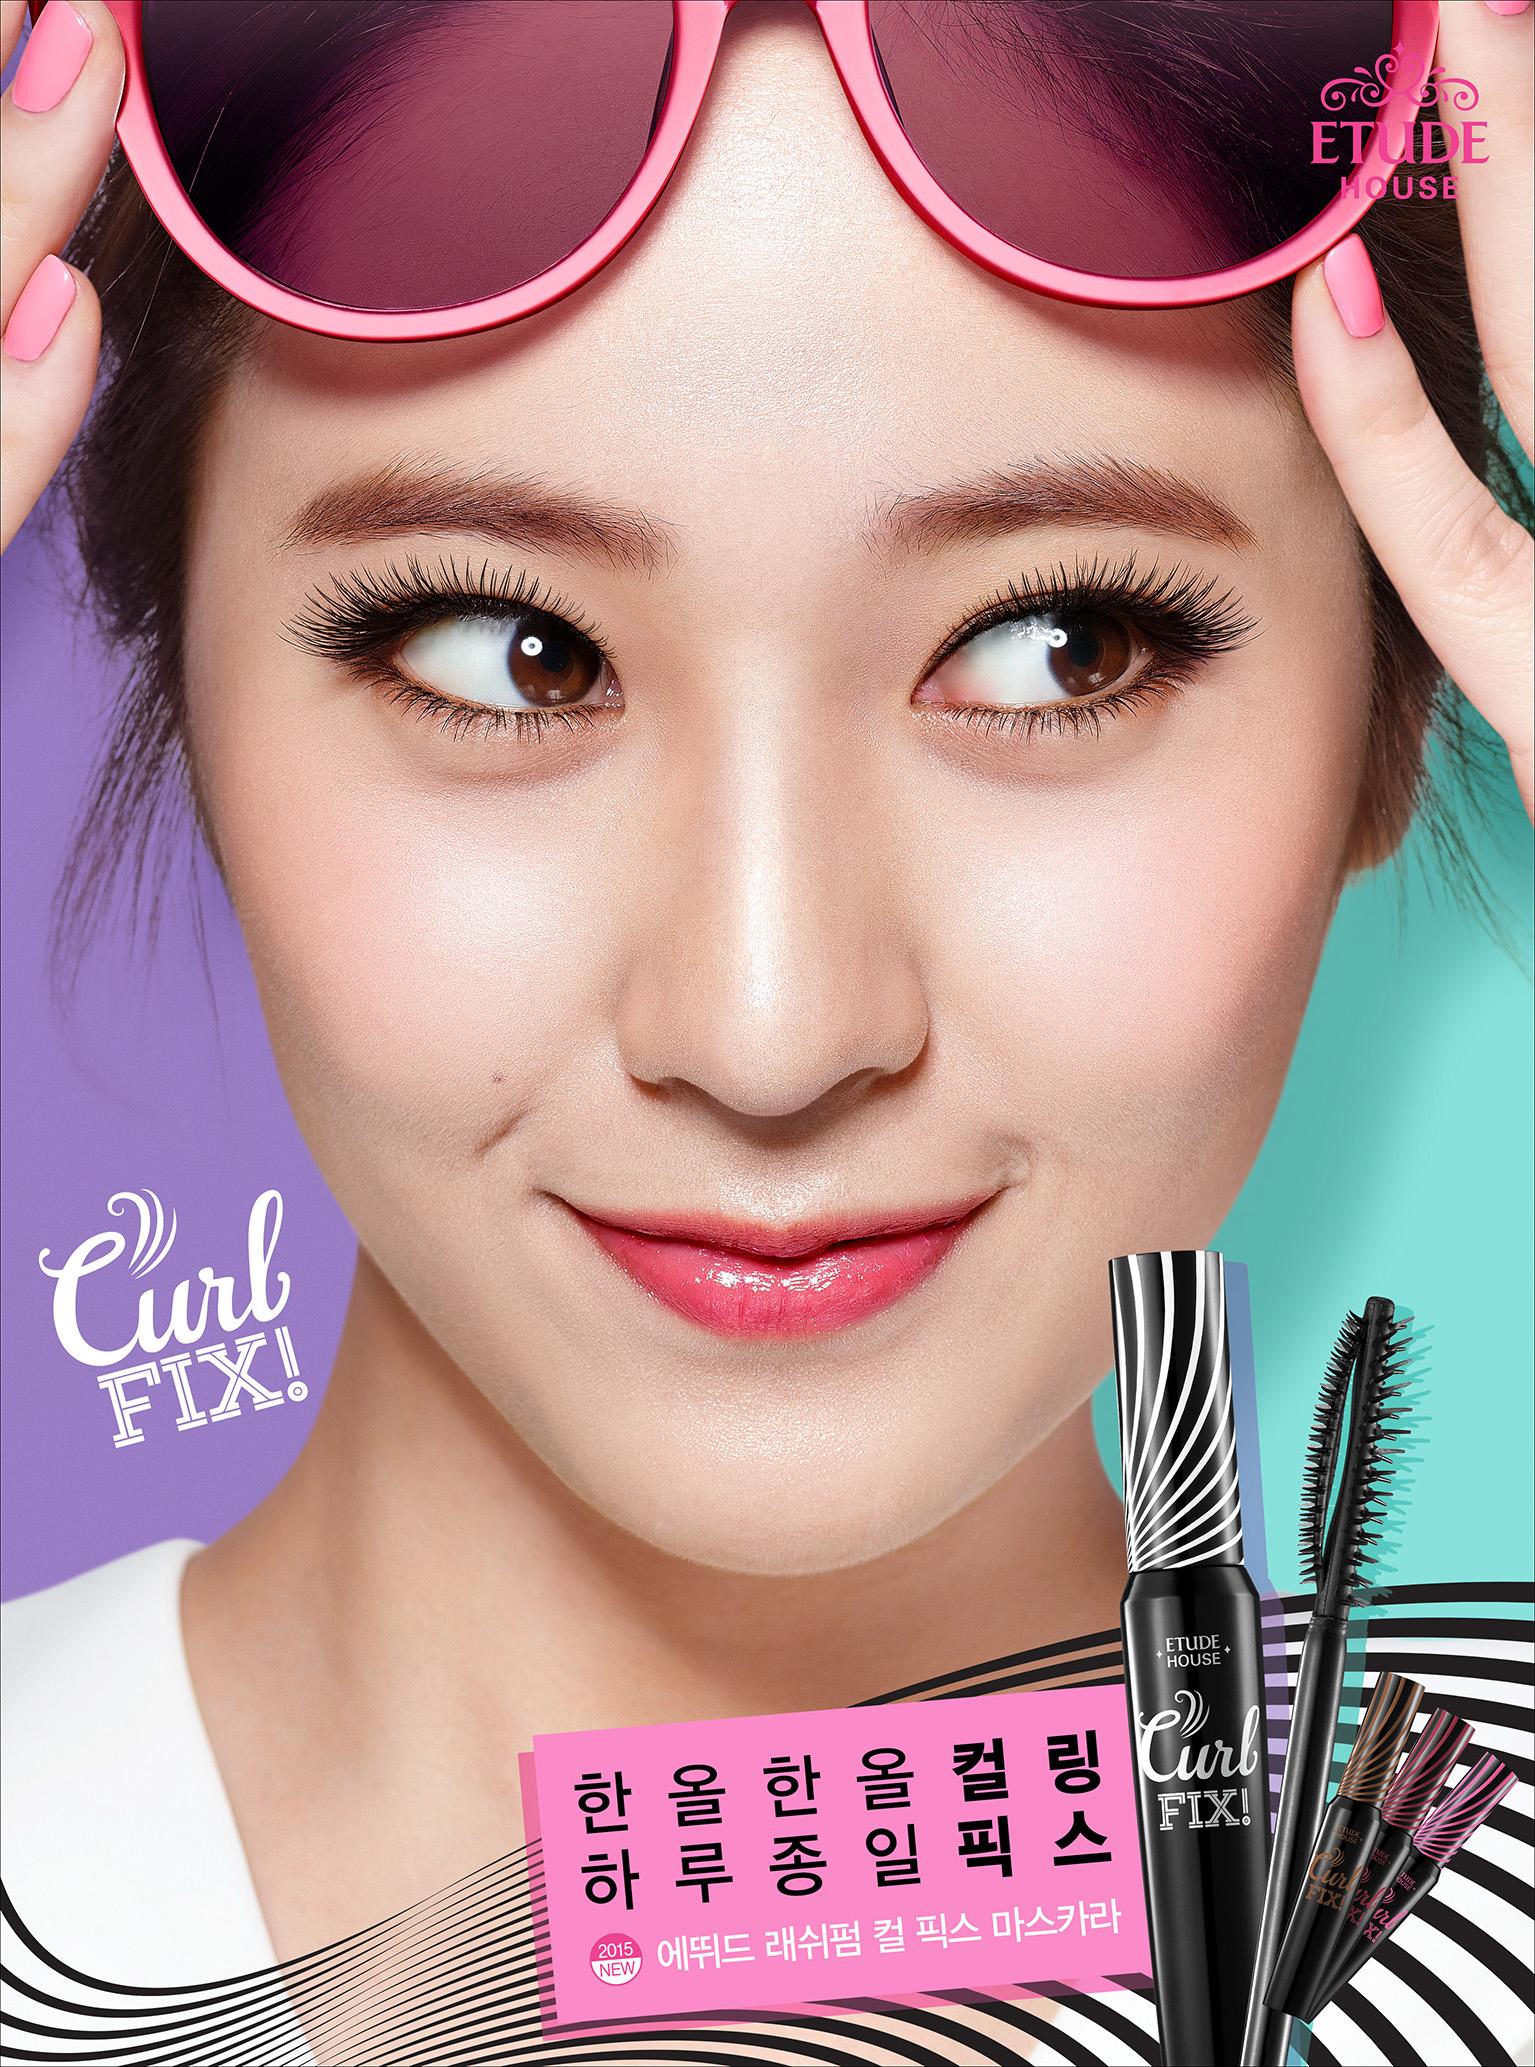 其實該品牌是繼SHINee跟f(x) Krystal與雪莉之後,第3次啟用SM娛樂藝人,但是之前的品牌形像海報就經營的很成功